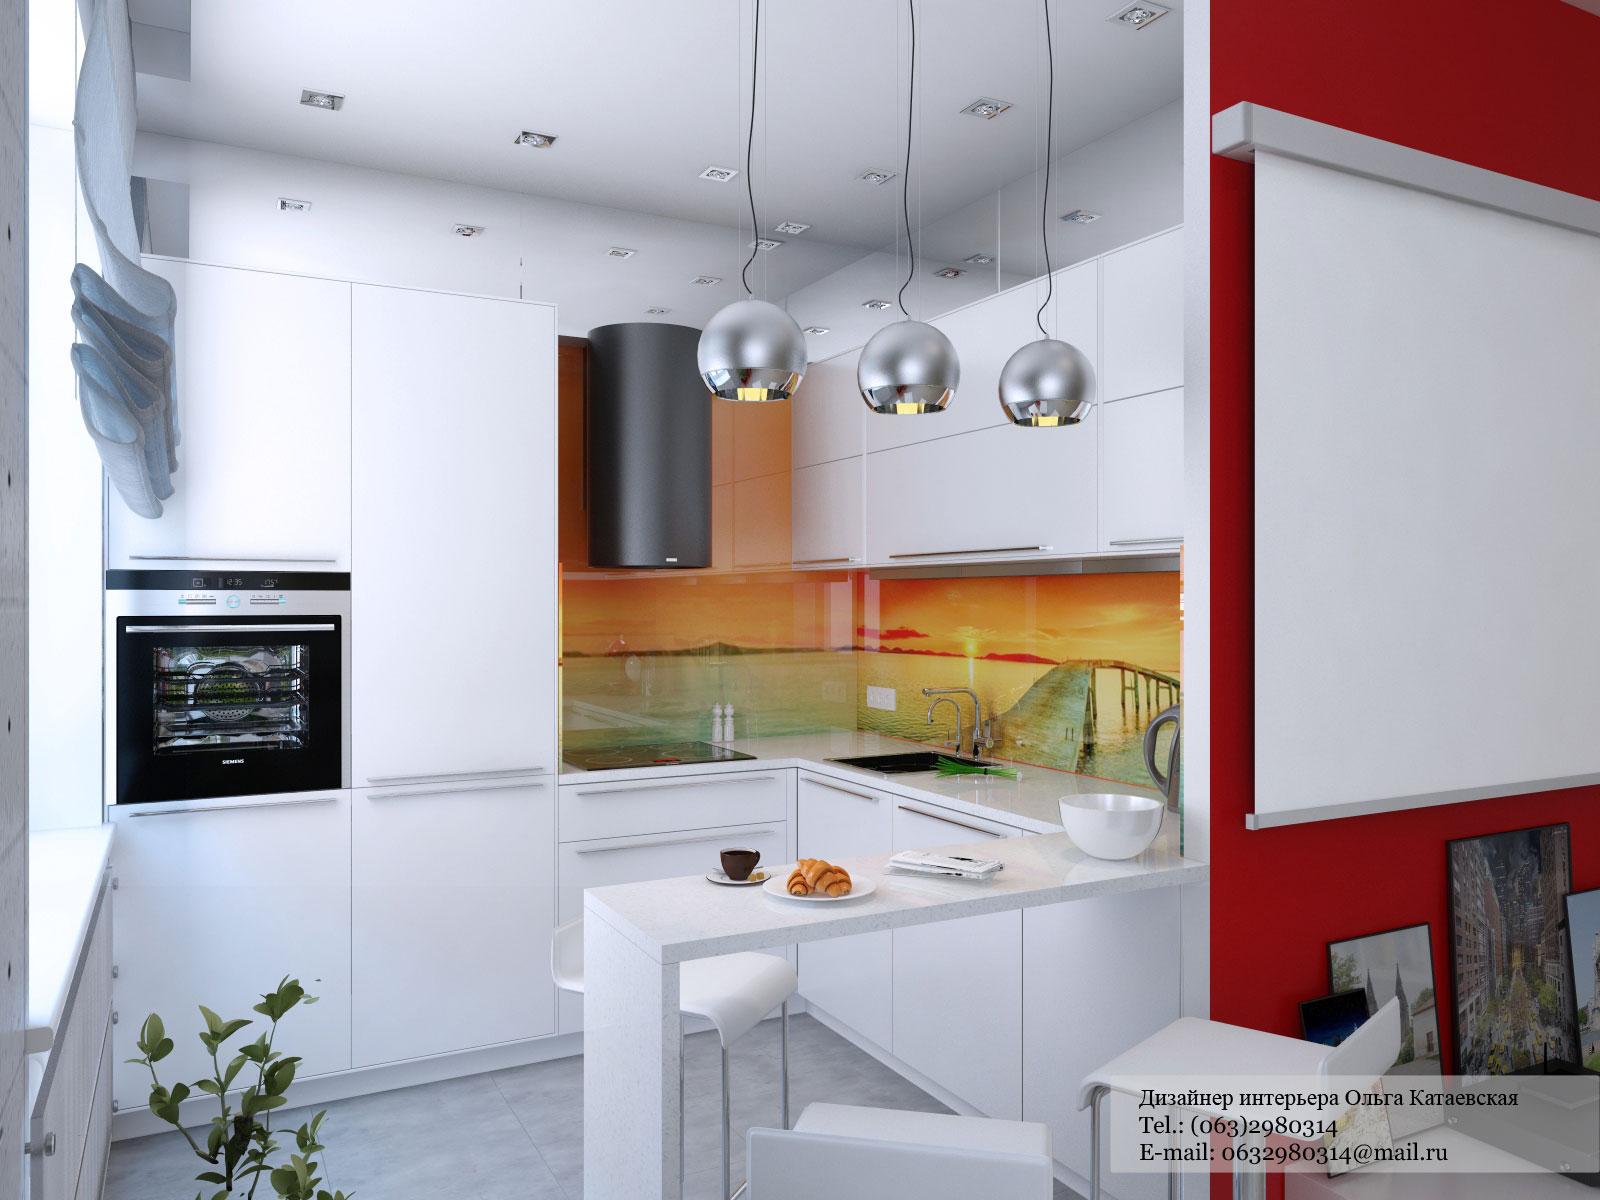 Варианты дизайна интерьера угловых кухонь.